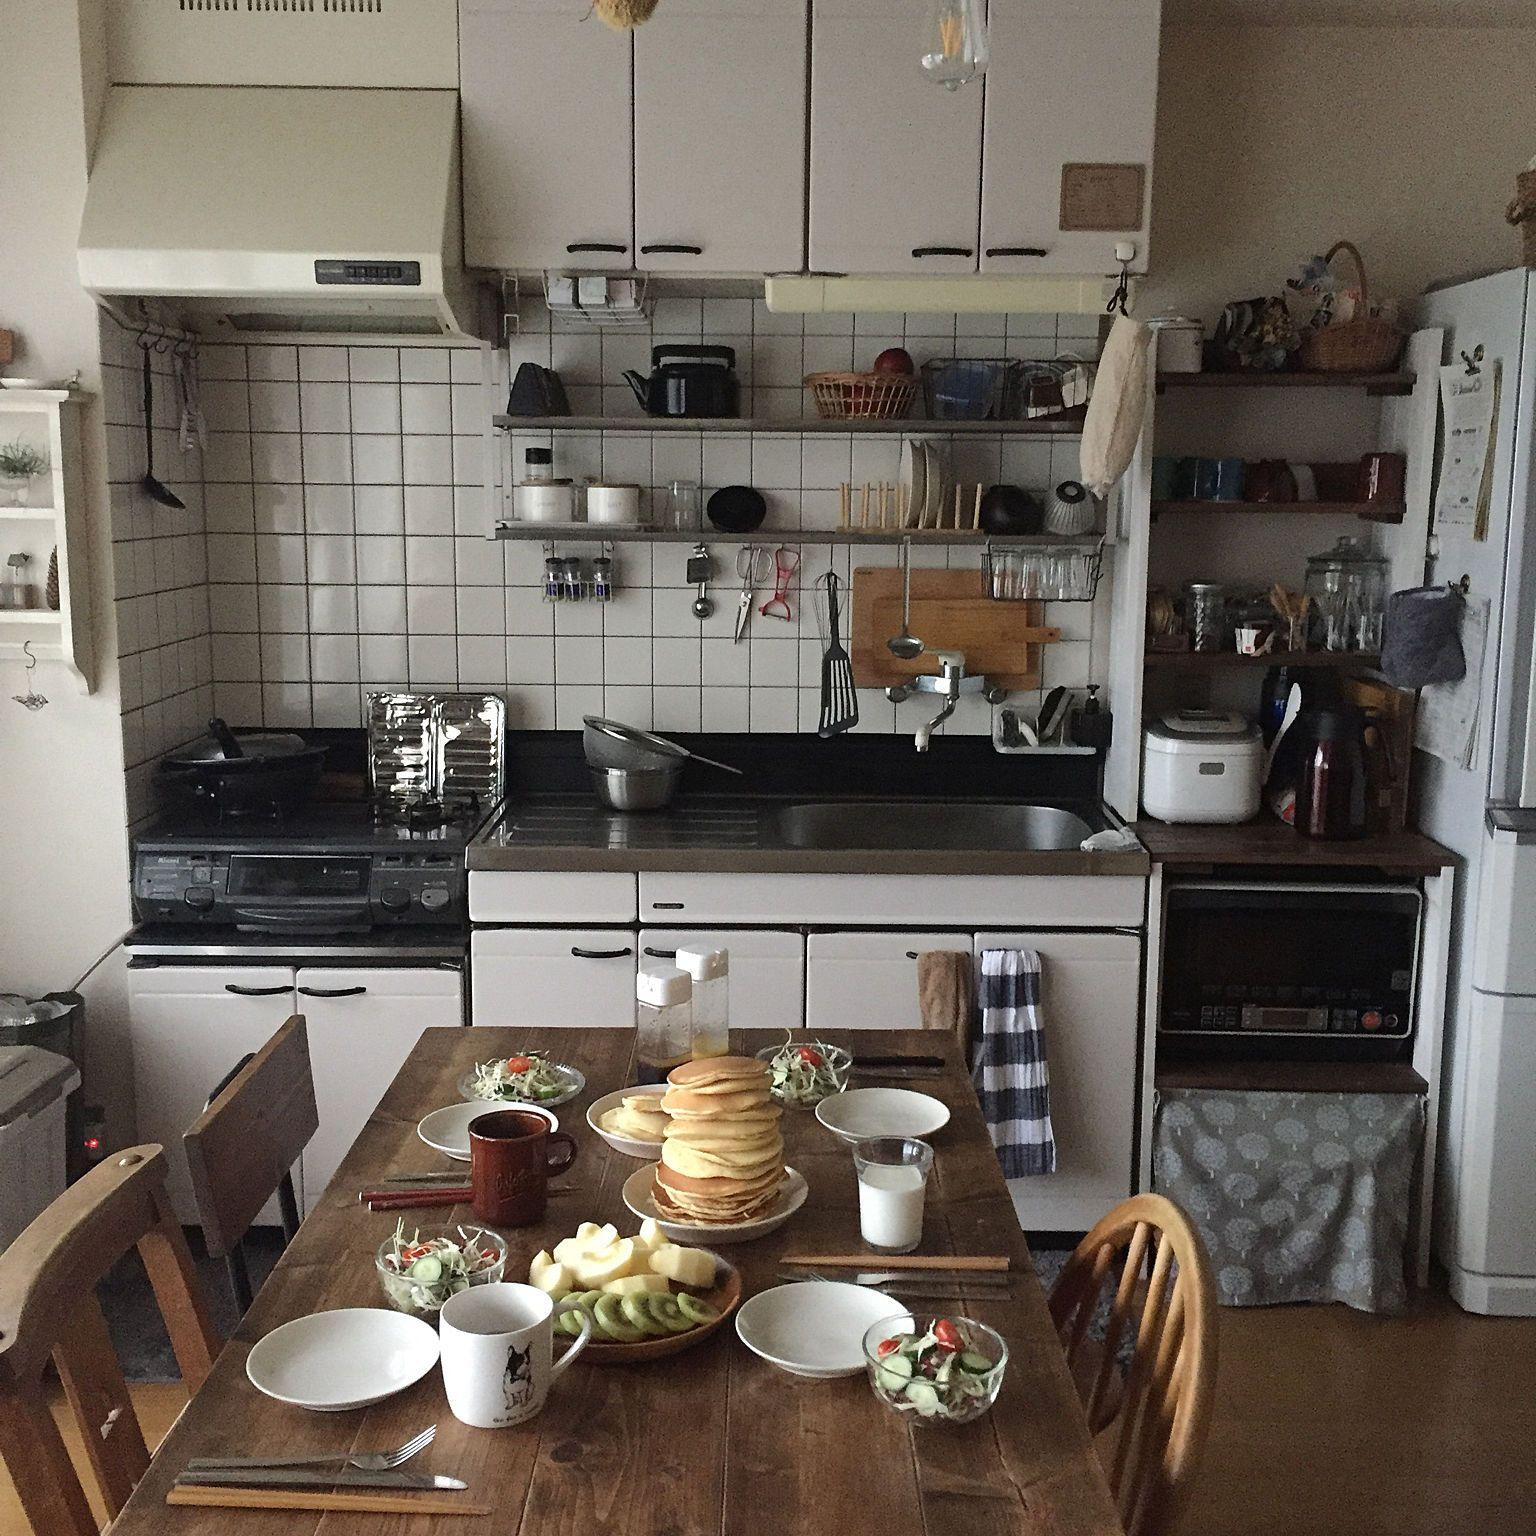 キッチン ホットケーキ 朝ごはん 賃貸暮らし アパート暮らし などのインテリア実例 2017 11 23 09 02 04 Roomclip ルームクリップ Kitchen Interior Home Kitchen Dining Room